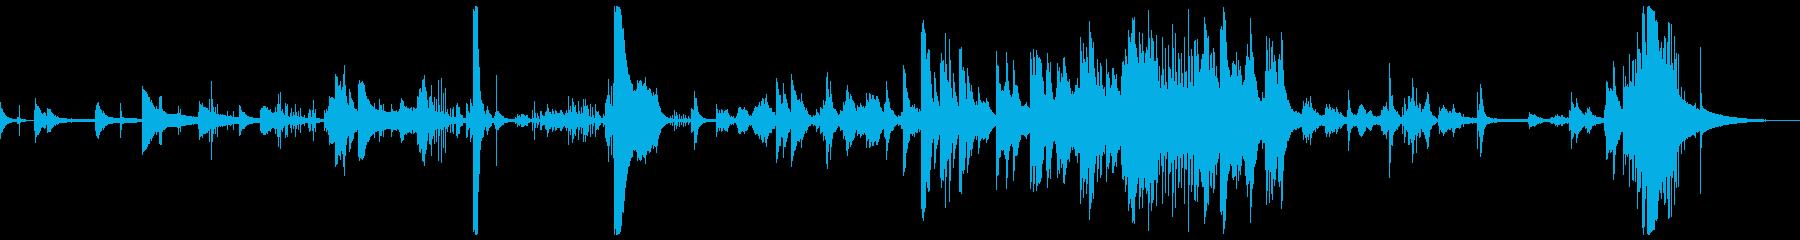 静寂の鼓動をイメージしたピアノソロの再生済みの波形